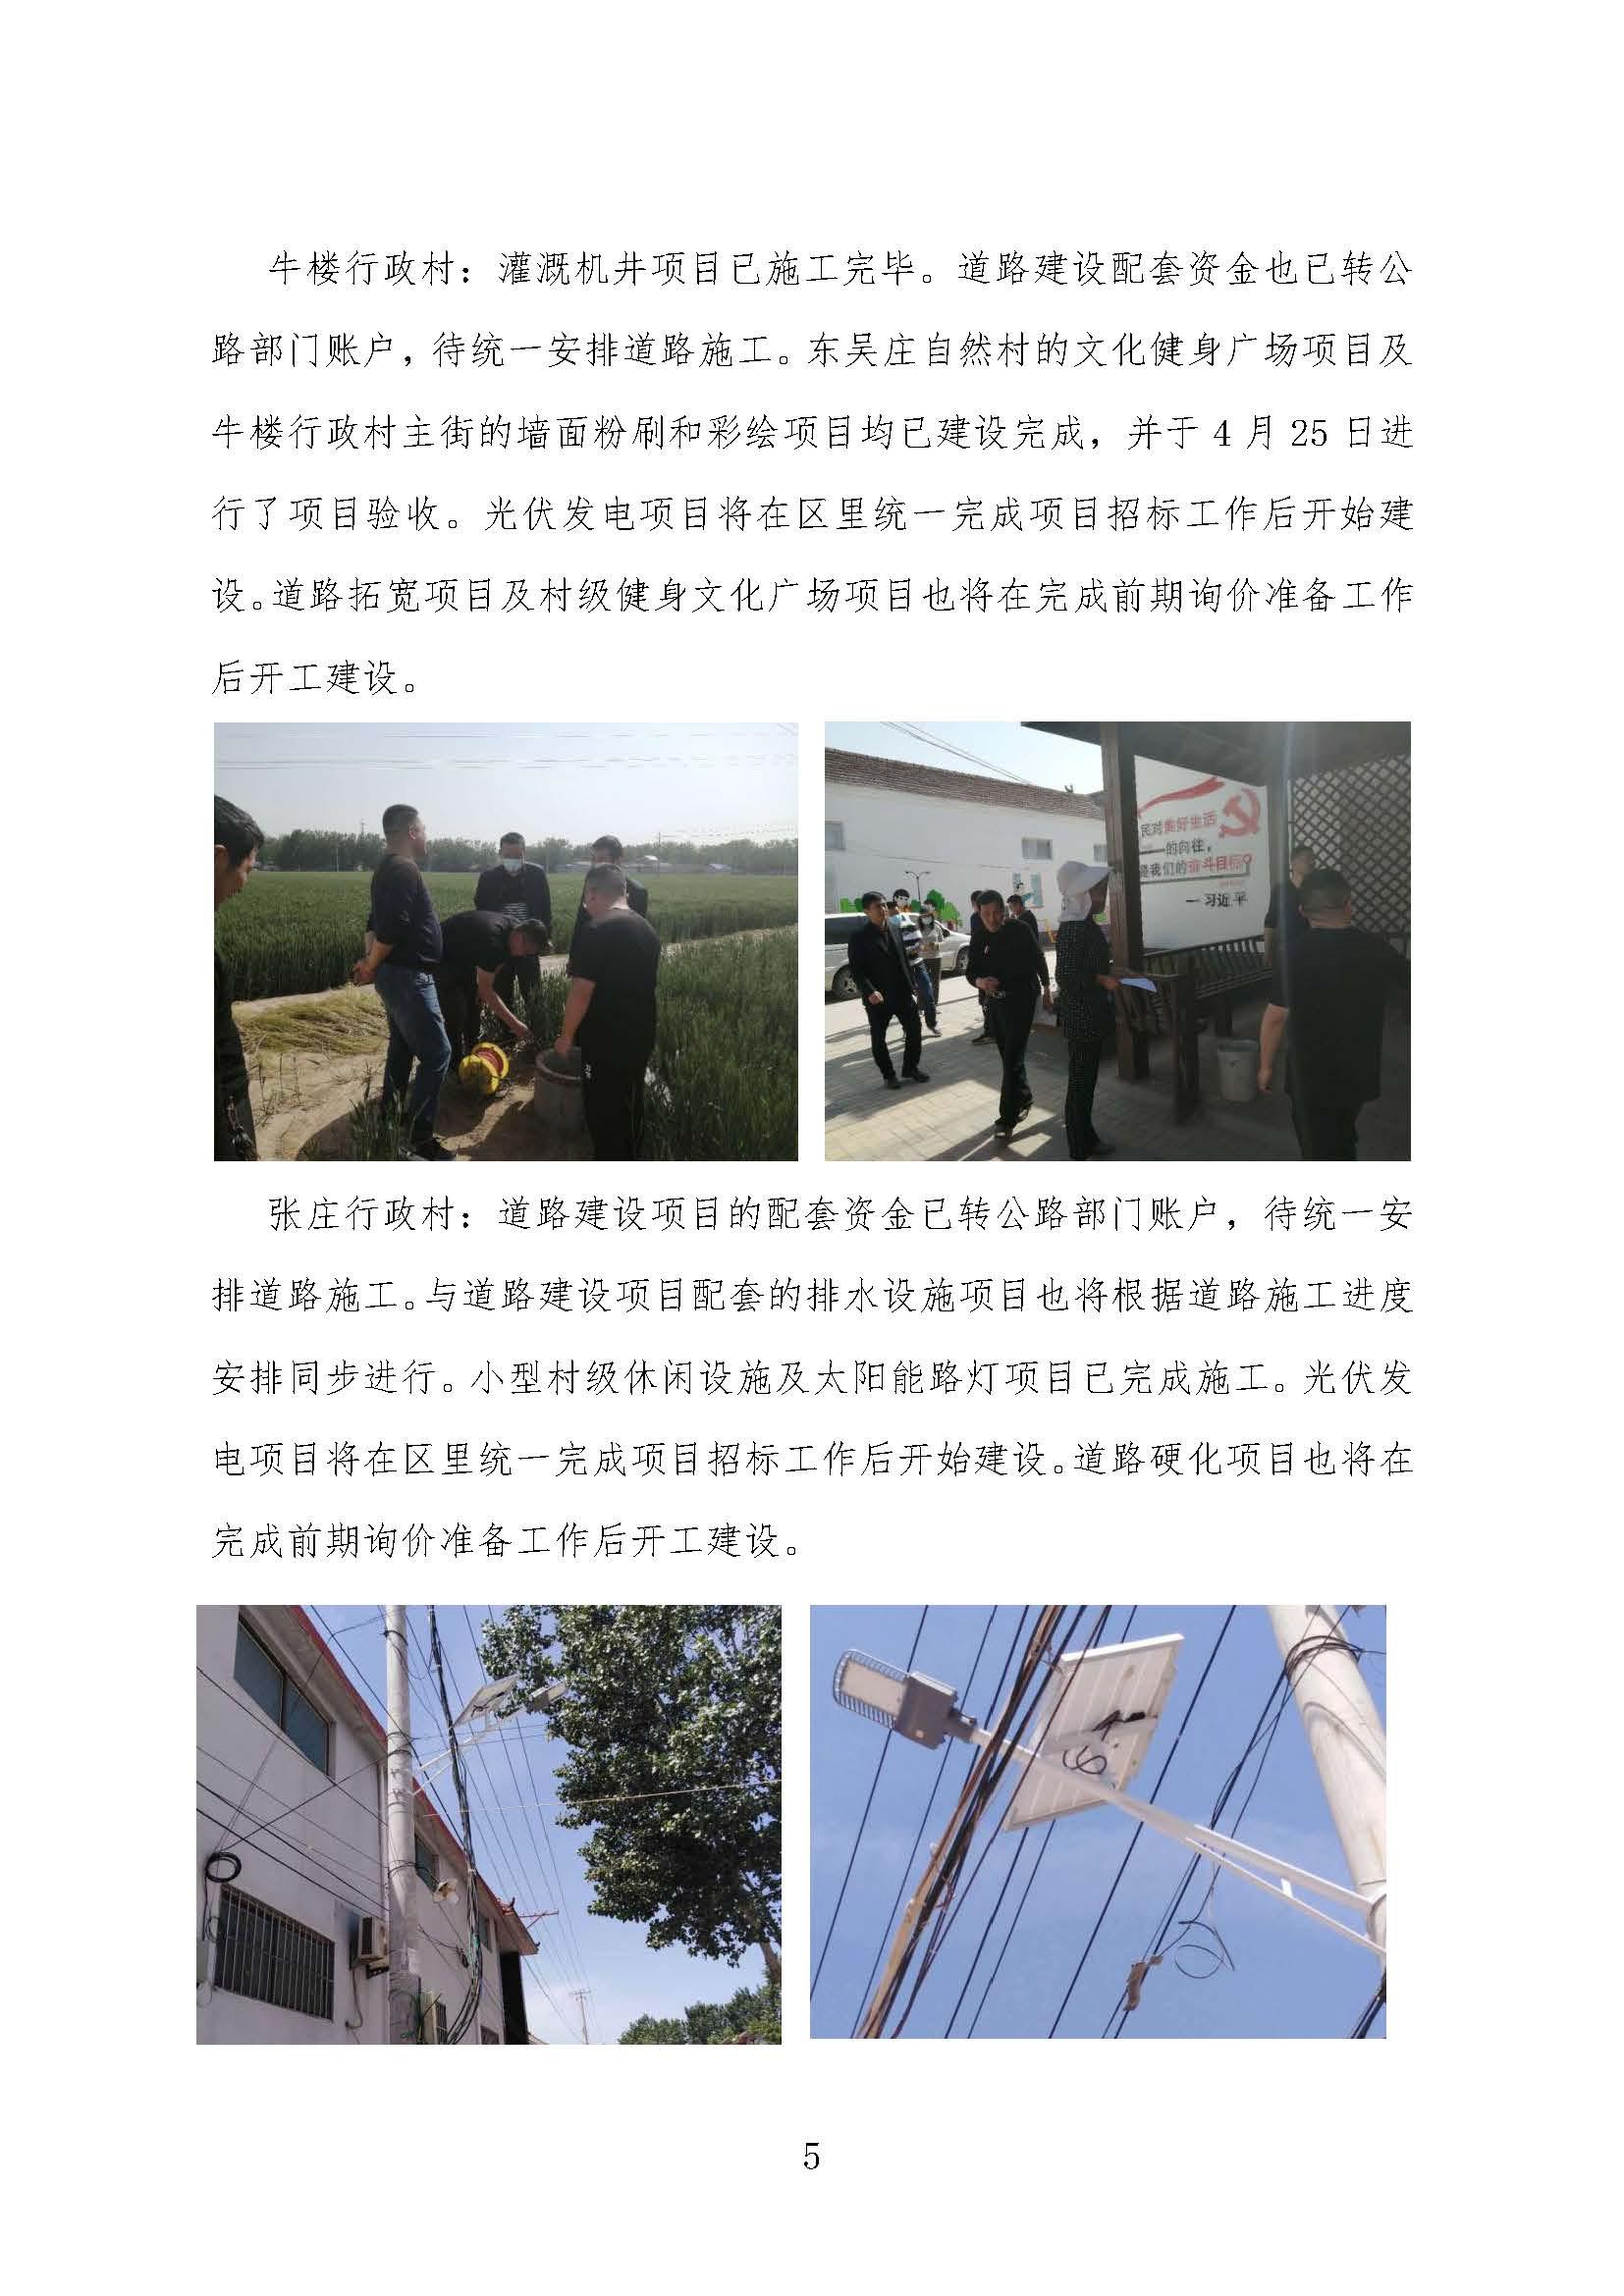 山东高速集团省派第一书记工作简讯-第12期_页面_5